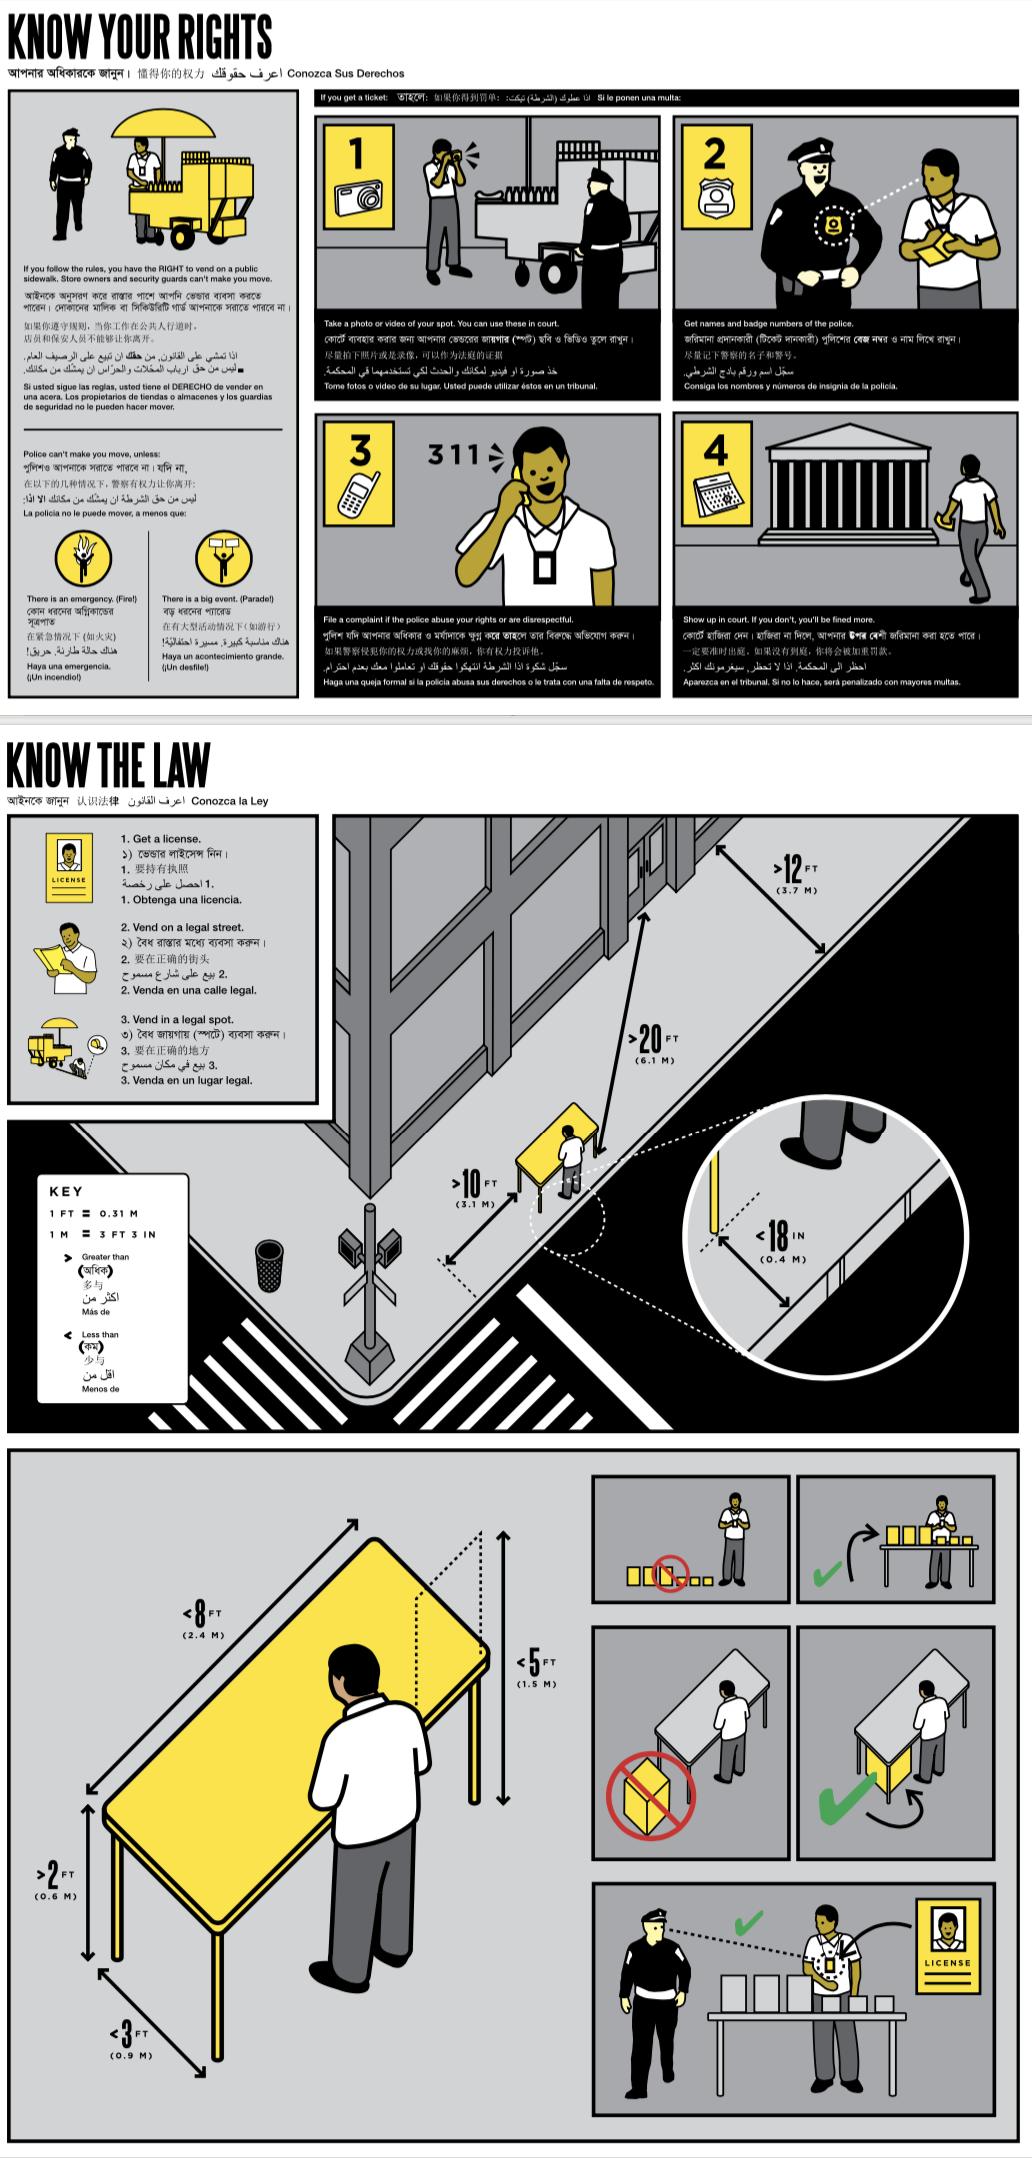 Una pagina della guida in formato poster